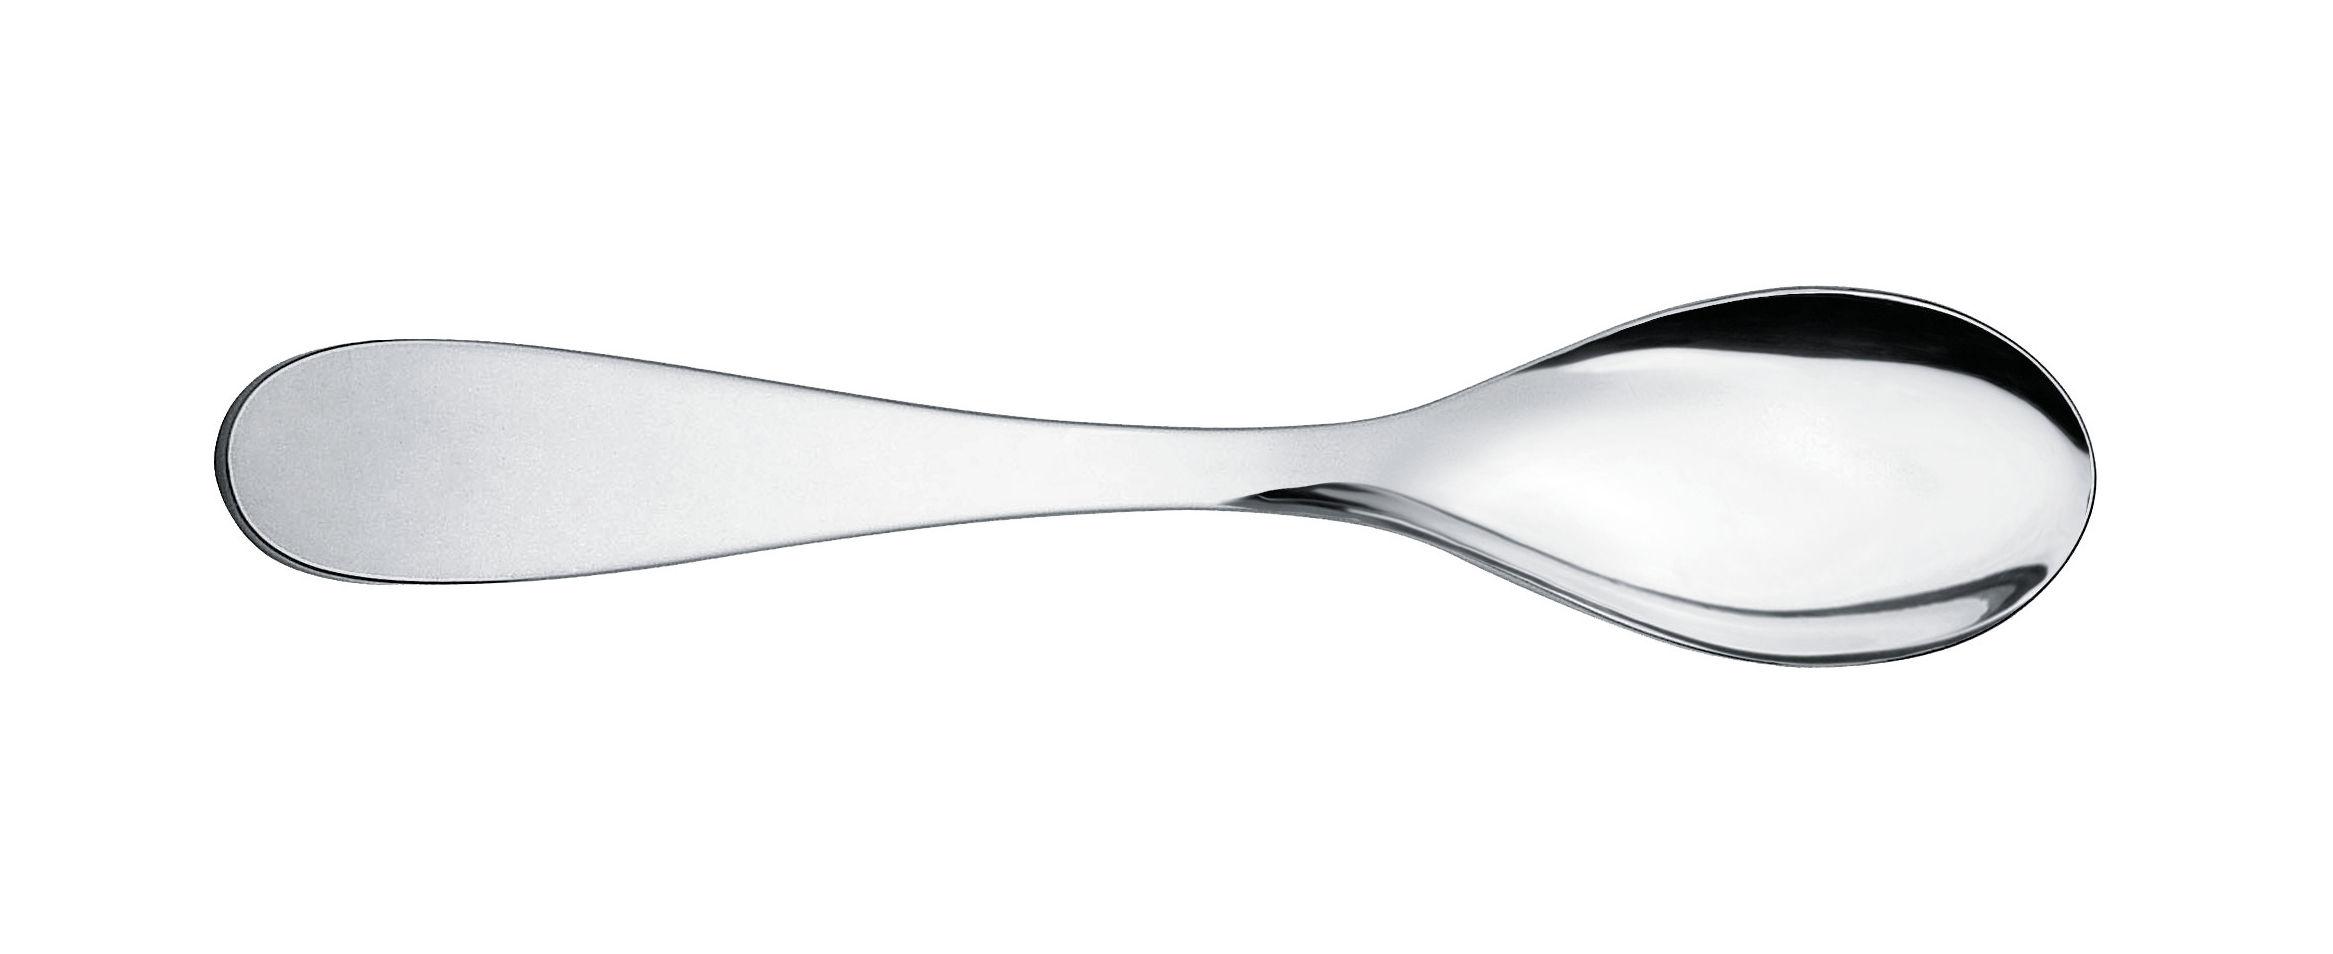 Arts de la table - Couverts de table - Cuillère à soupe Eat.it - Alessi - Métal brillant - Acier inoxydable 18/10